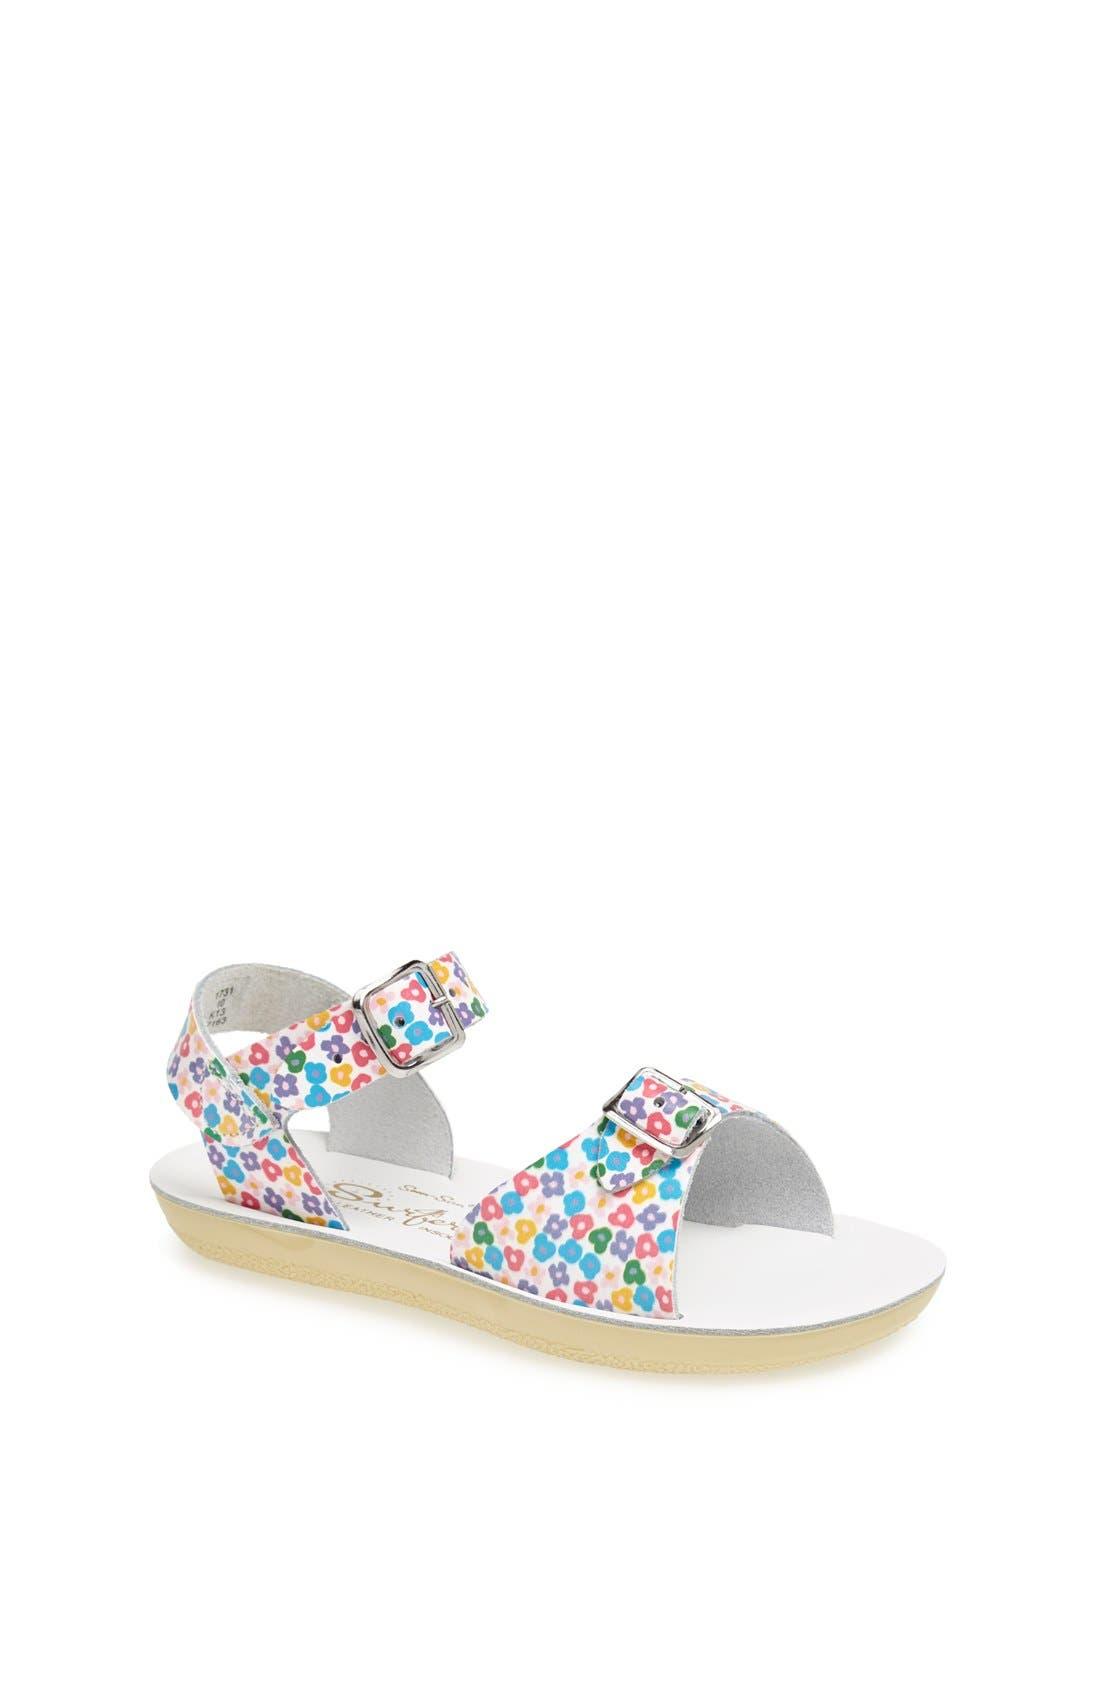 Salt Water Sandals by Hoy Shoe Company 'Floral Surfer' Sandal (Toddler)